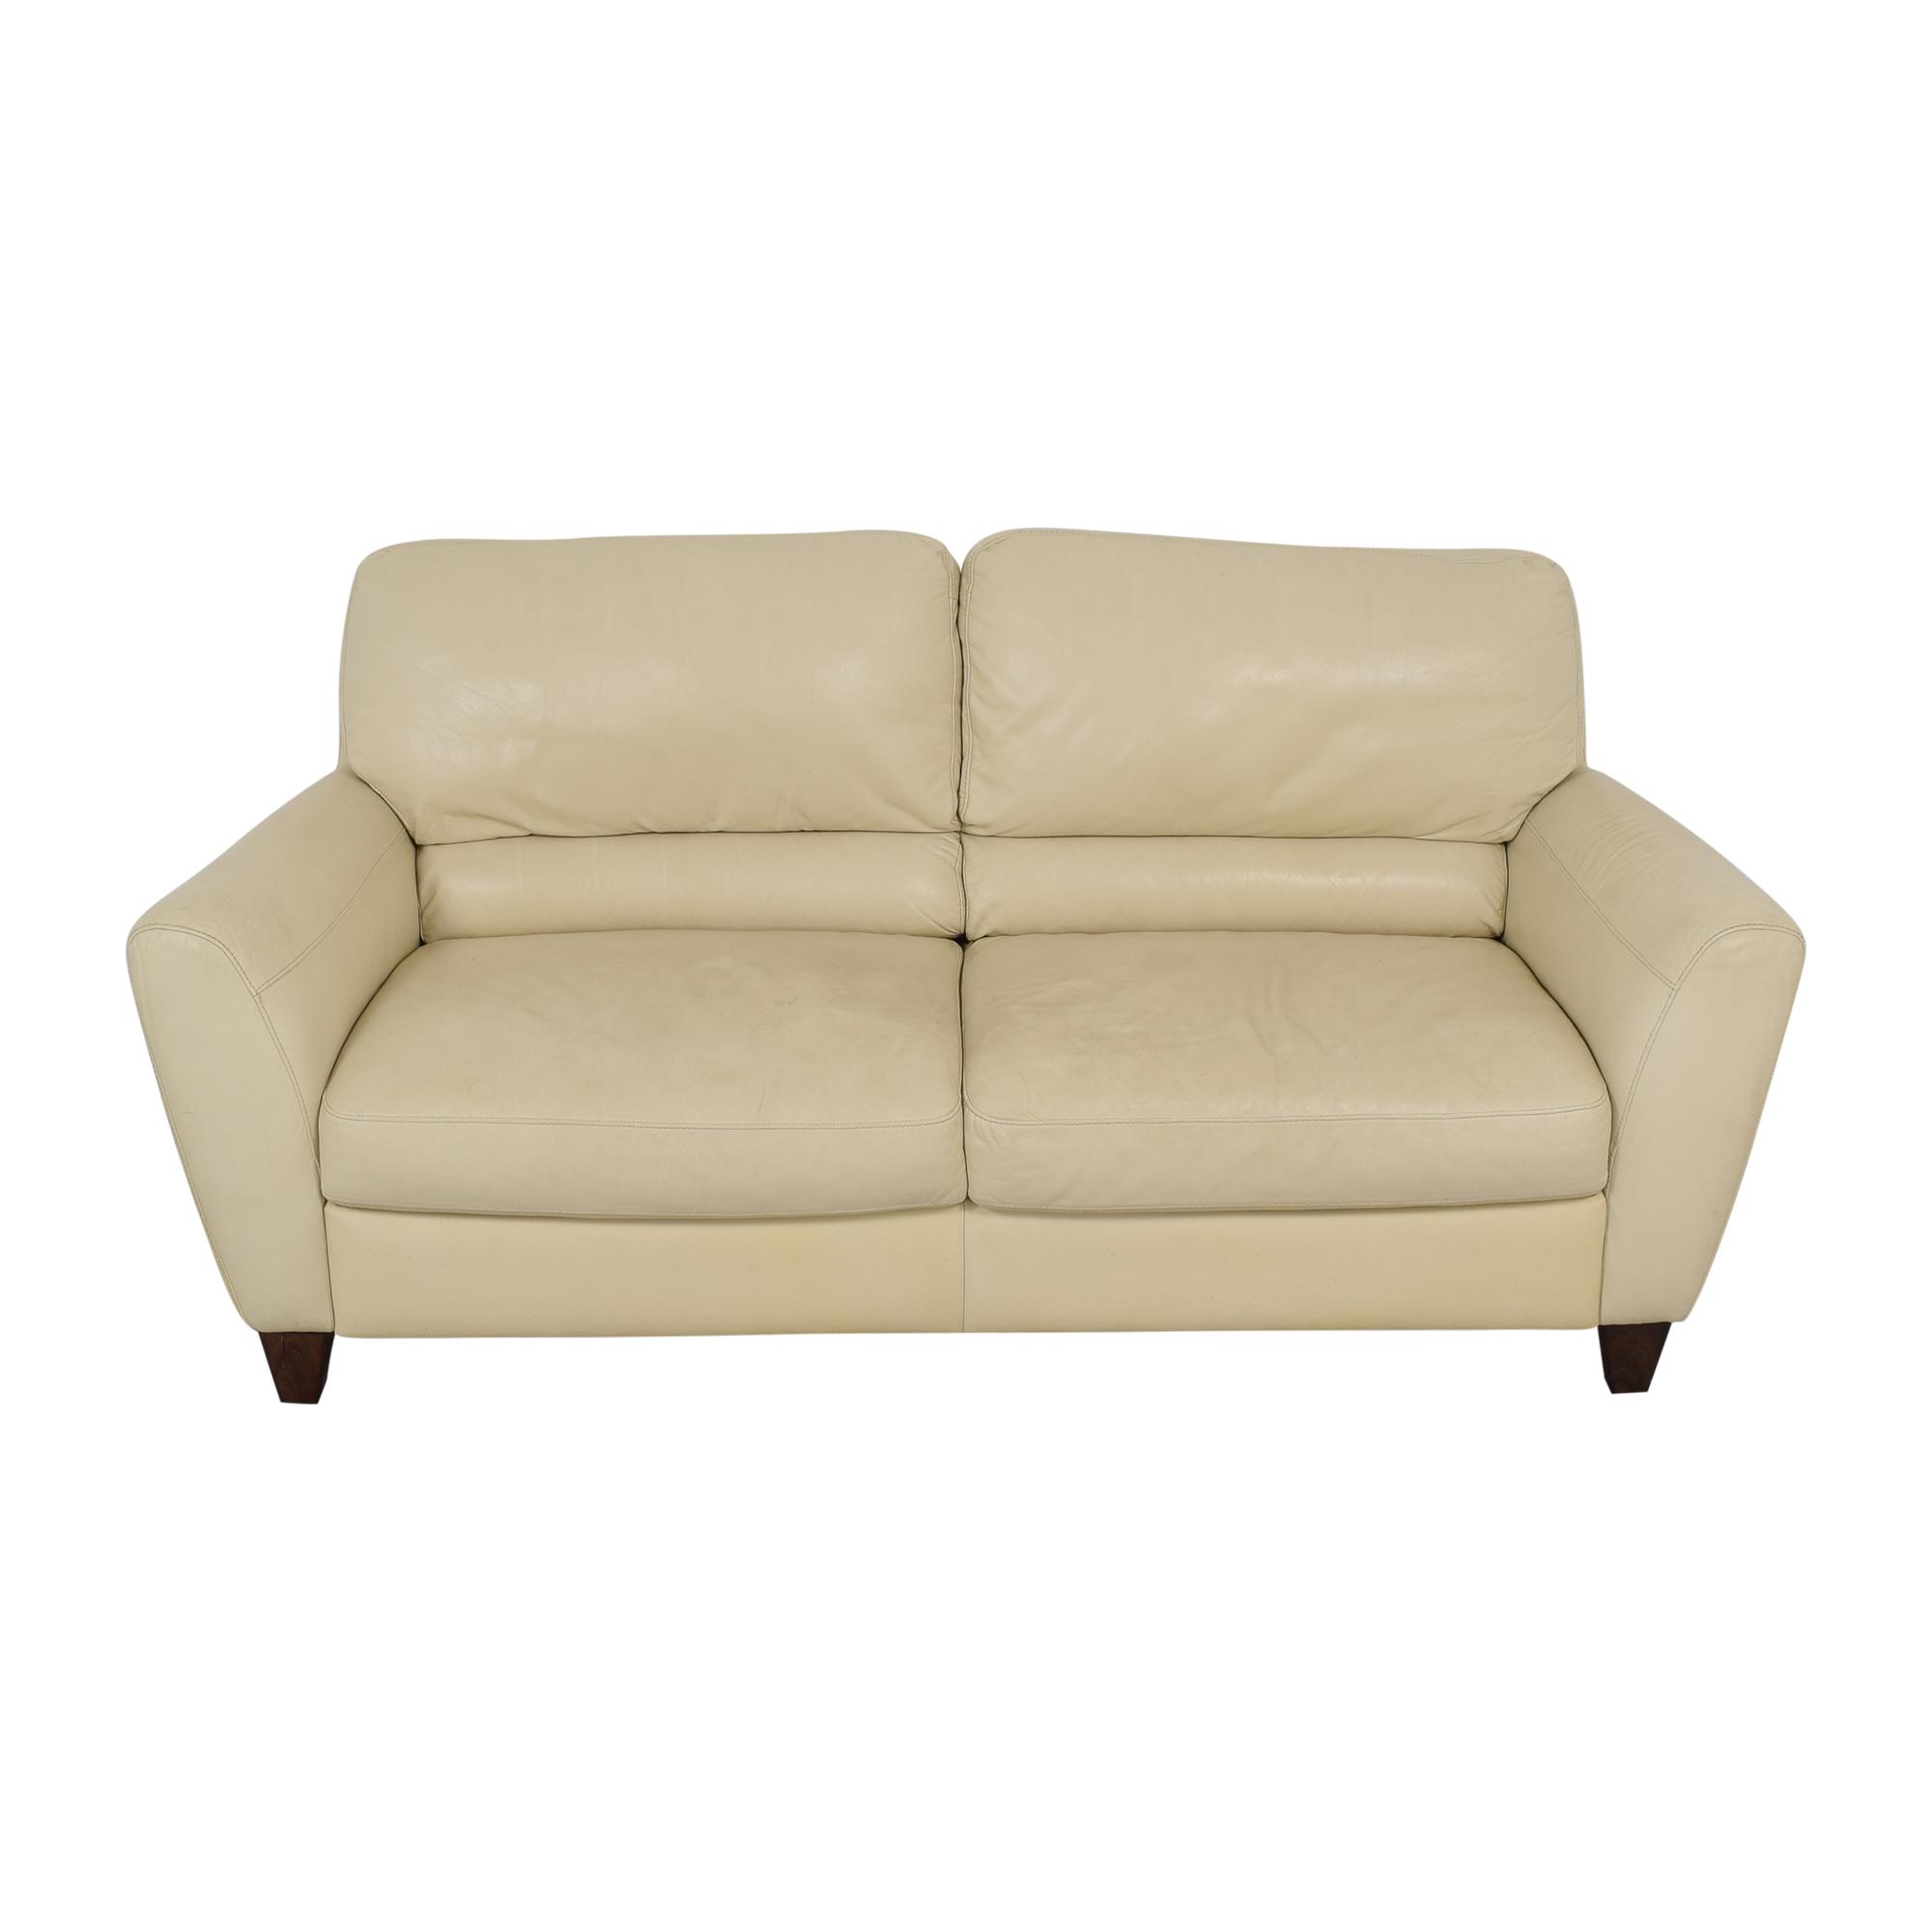 Macy's Macy's Italsofa Two Cushion Sofa ma